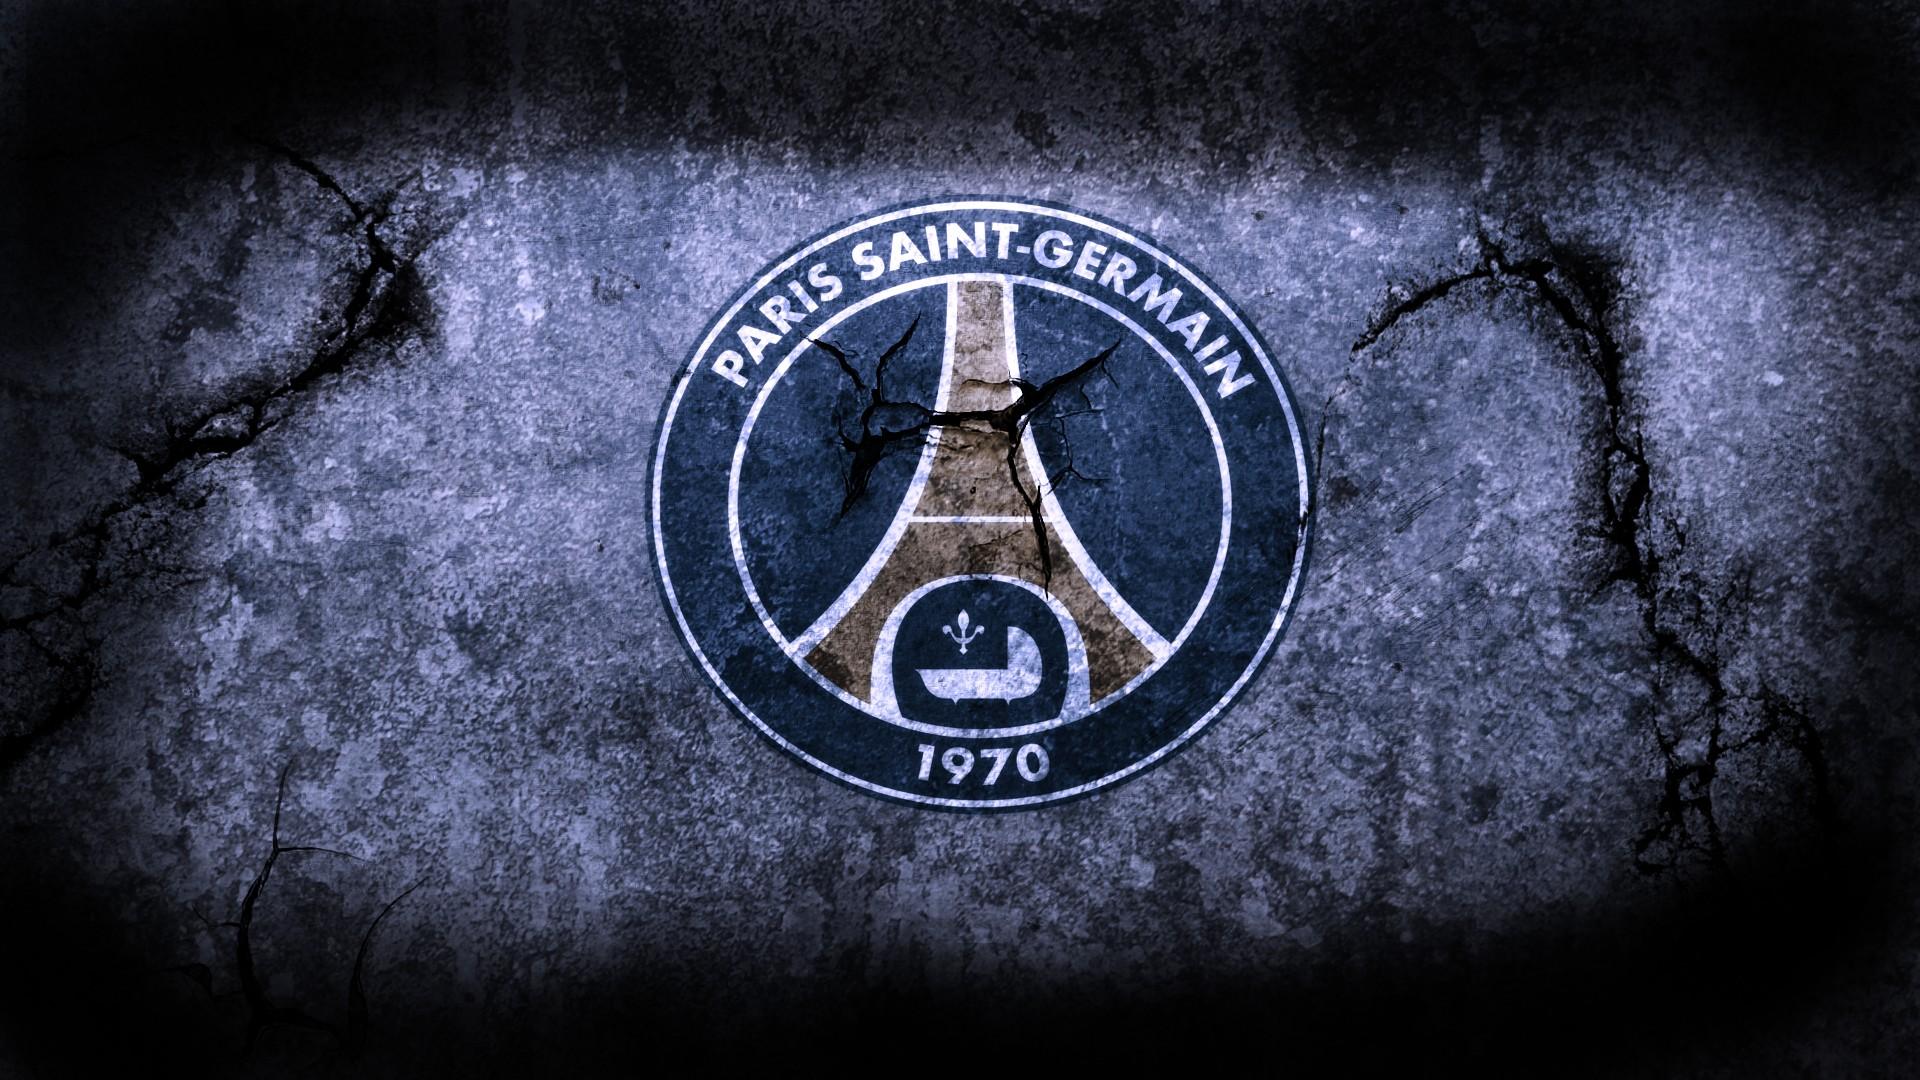 Paris Saint-Germain Symbol Wallpaper